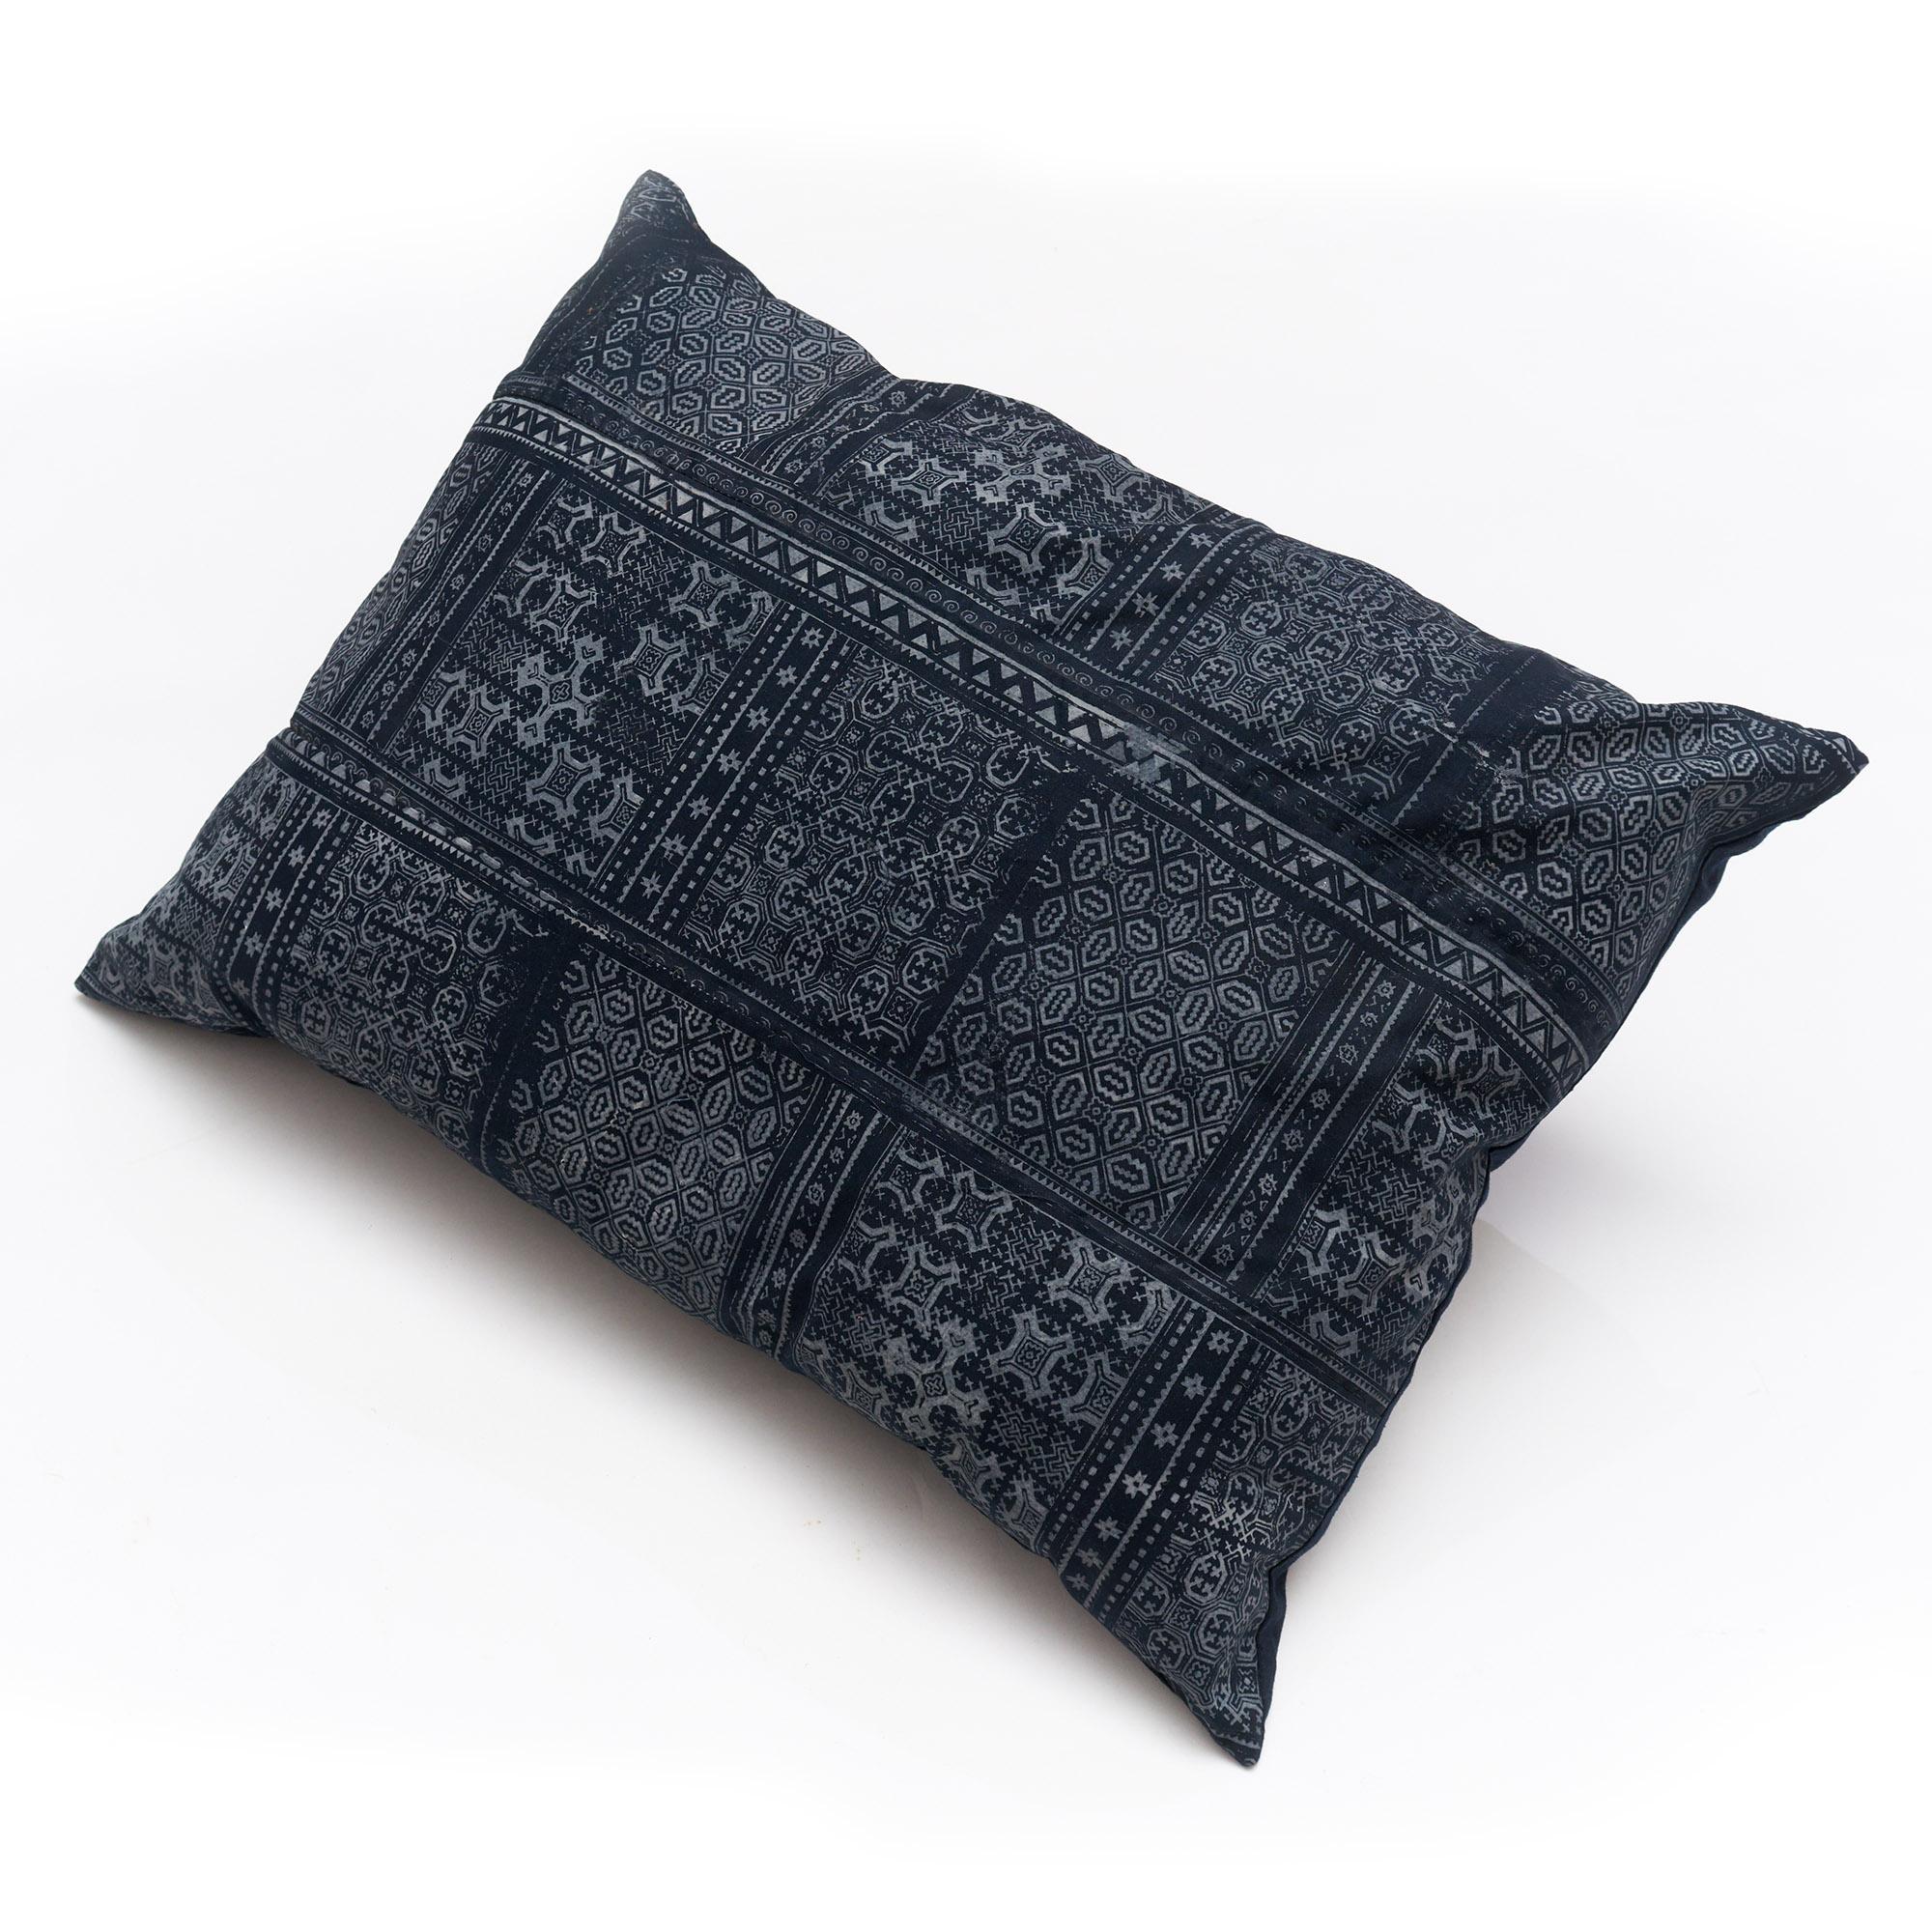 Almohadón de algodón rectangular azul, batik H'mong